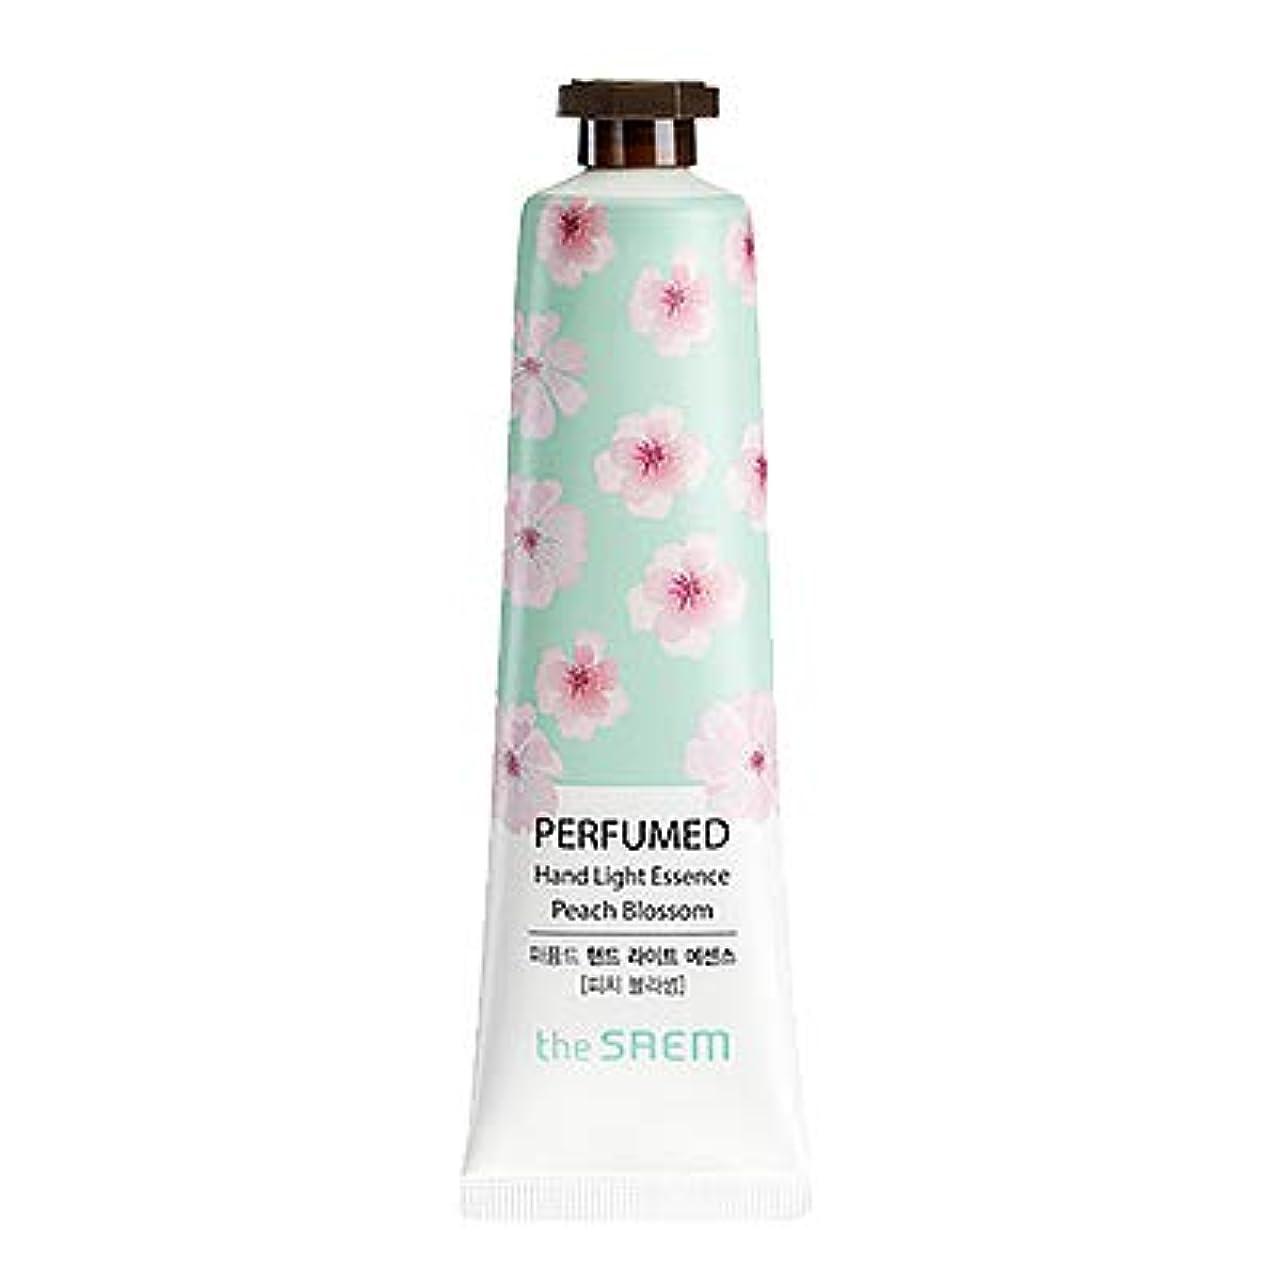 オーバーヘッドエキスきらめきtheSAEM ザセム パヒューム ハンド ライト エッセンス ハンドクリーム PERFUMED HAND LIGHT ESSENCE 韓国コスメ (E-Peach Blossom(ピーチブロッサム))